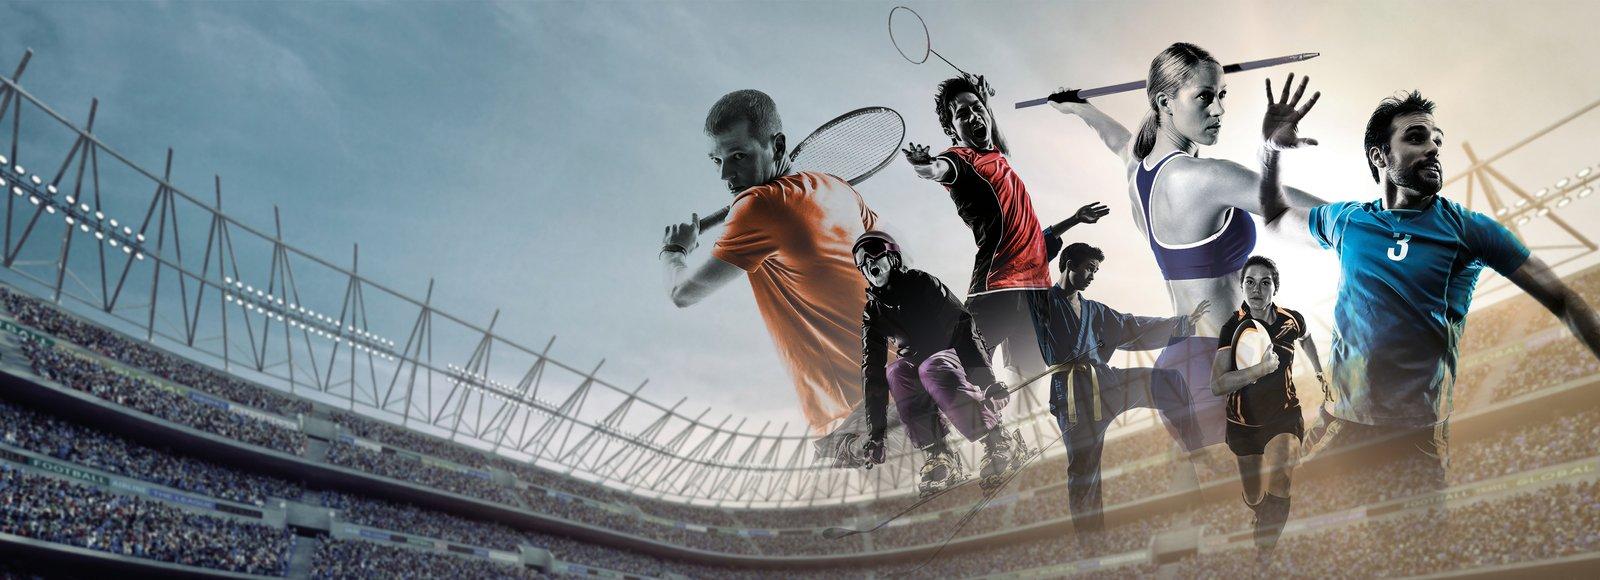 People-Sport